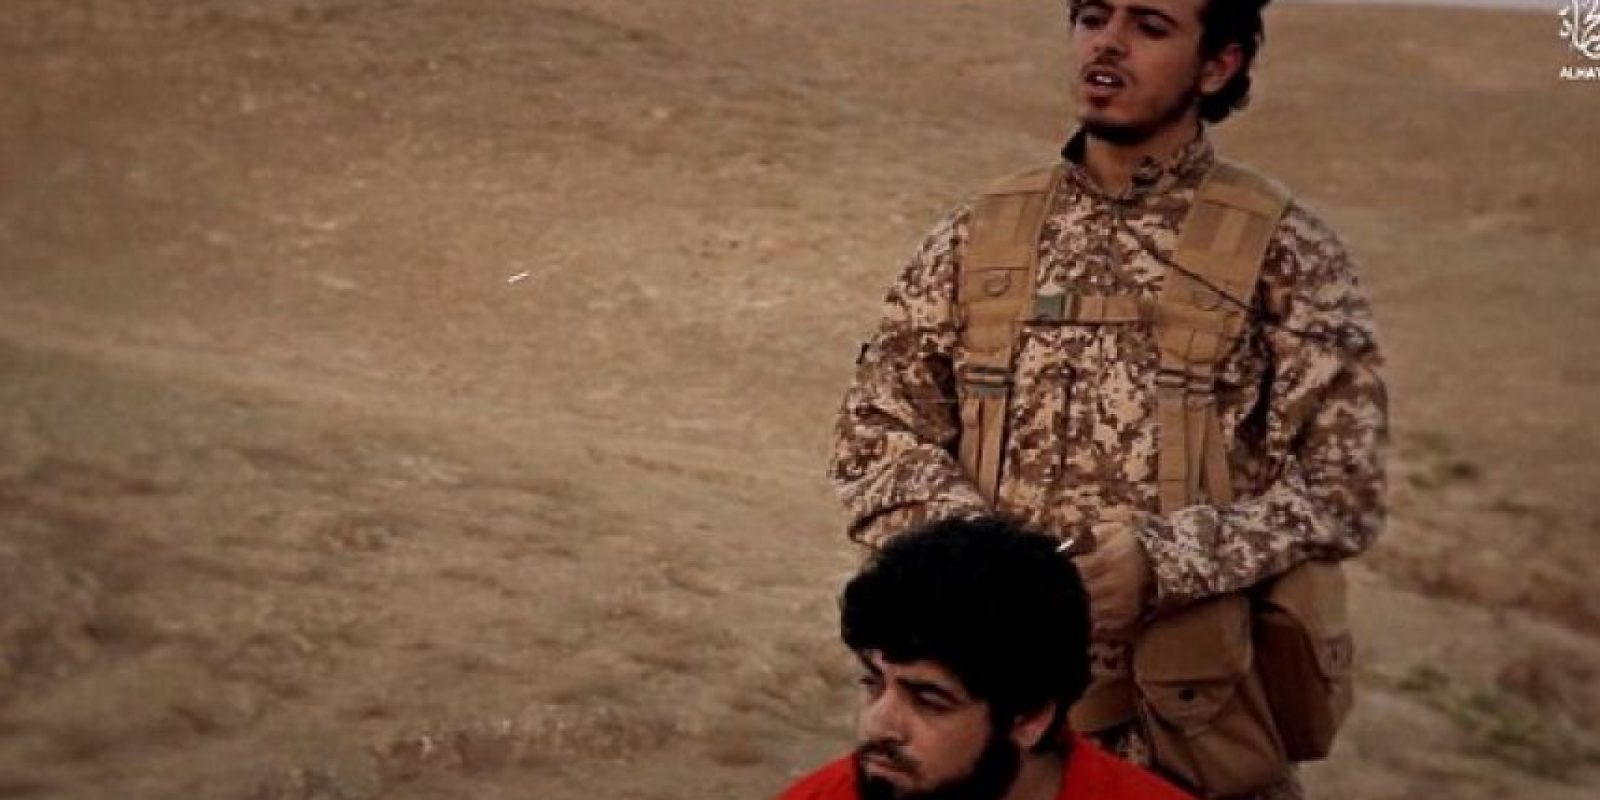 Bilal Hadfi Foto:Video de Estado Islámico. Imagen Por: